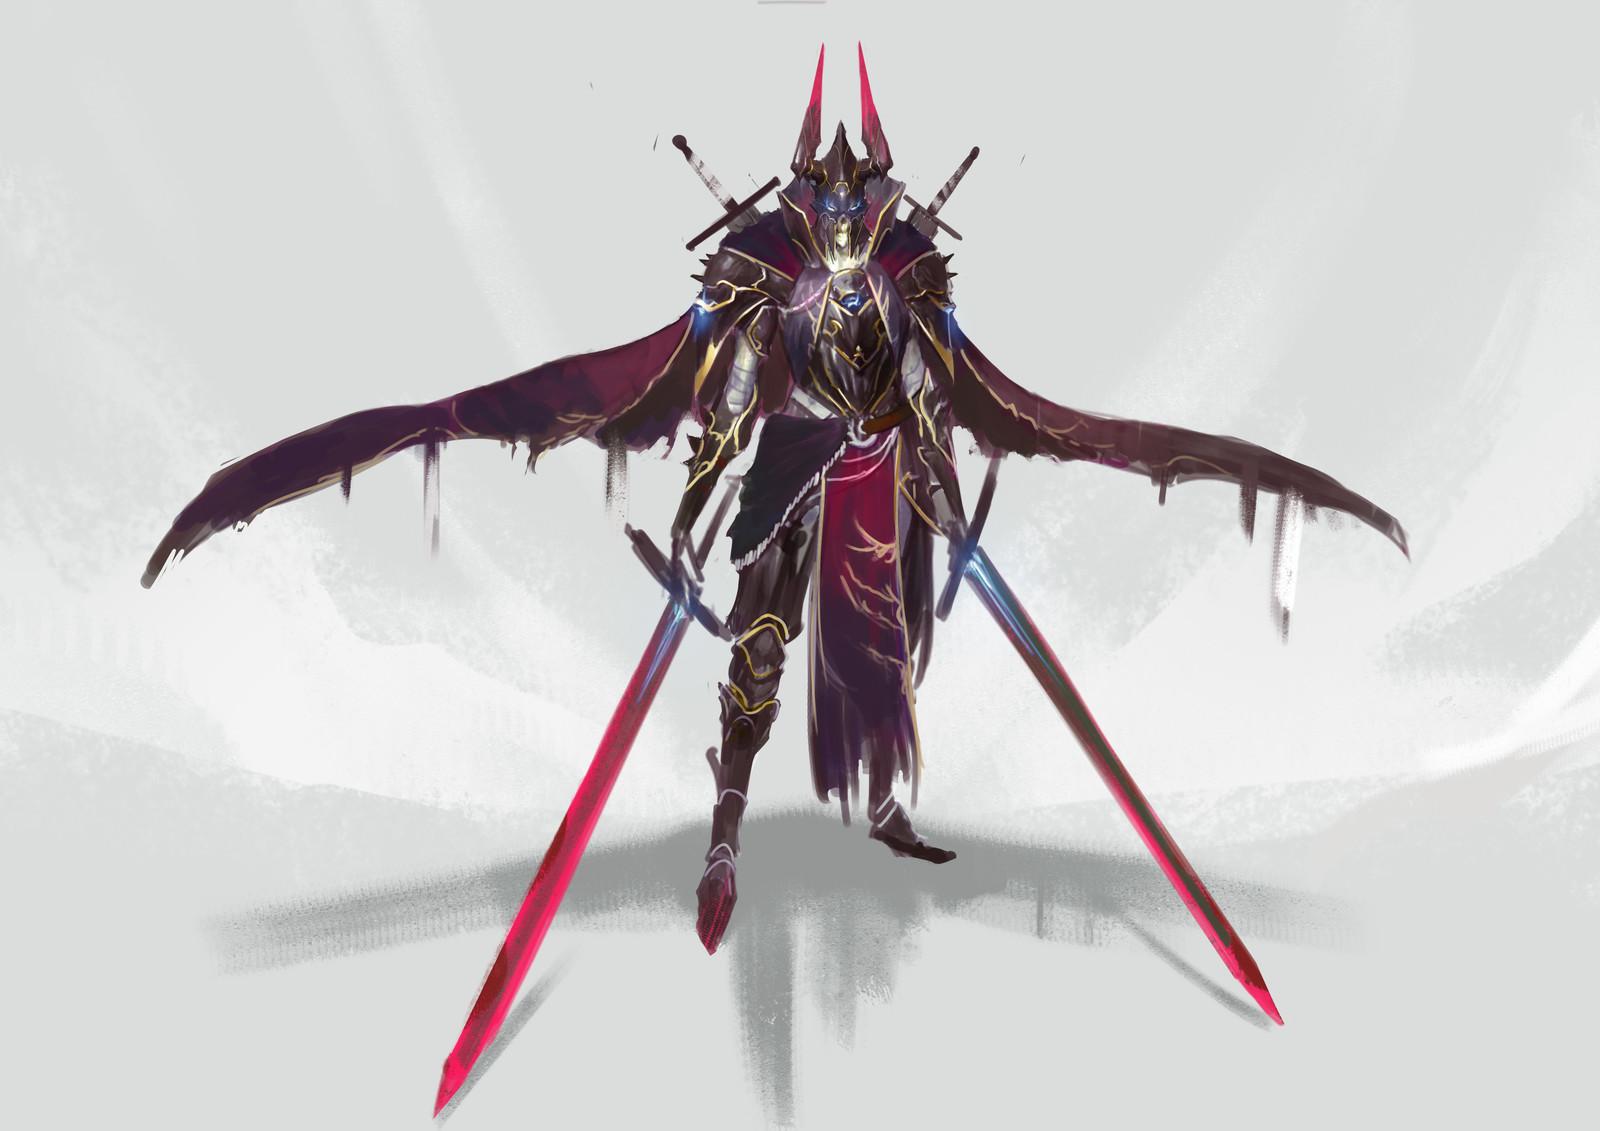 Death Knight Concept